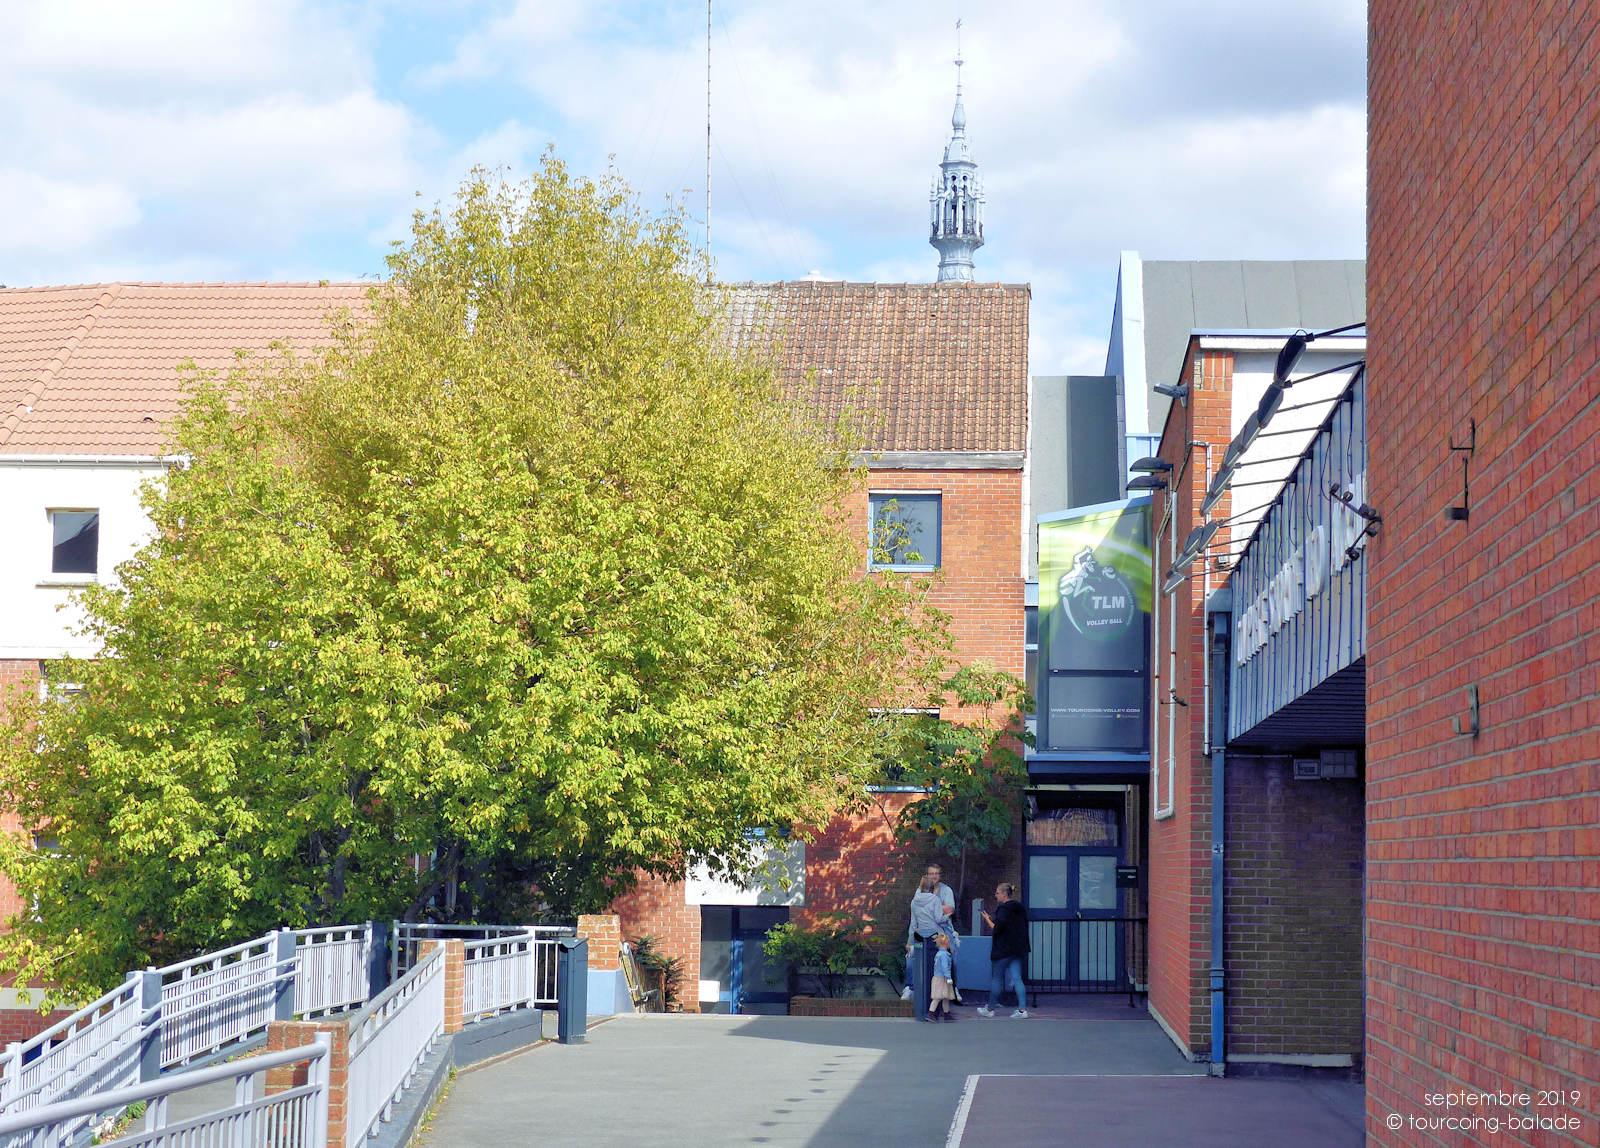 Salle Léo Lagrange, Tourcoing - Entrée extérieure